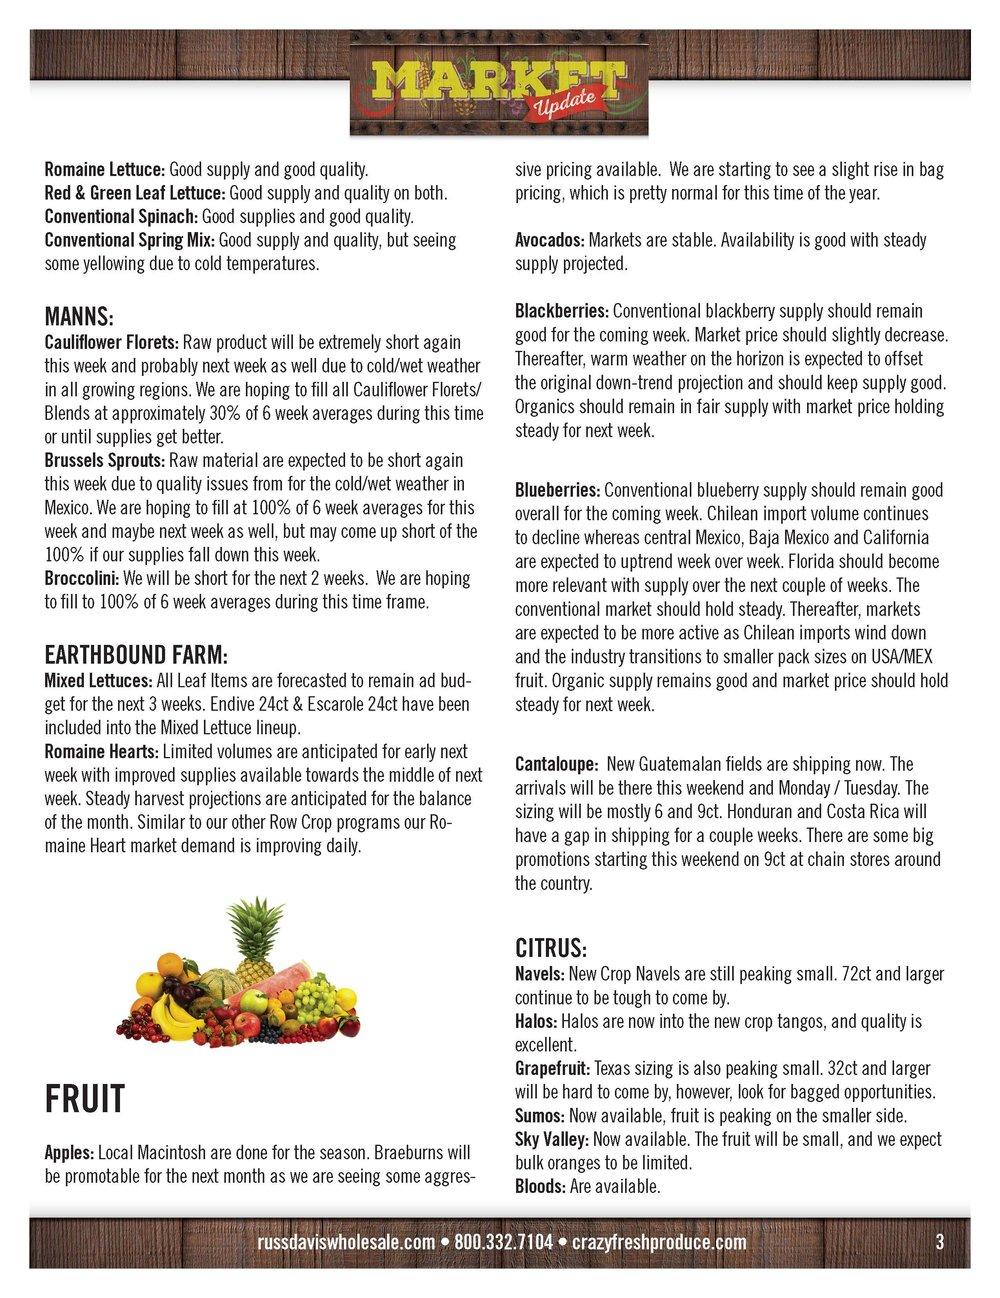 RDW_Market_Update_Feb28_19_Page_3.jpg